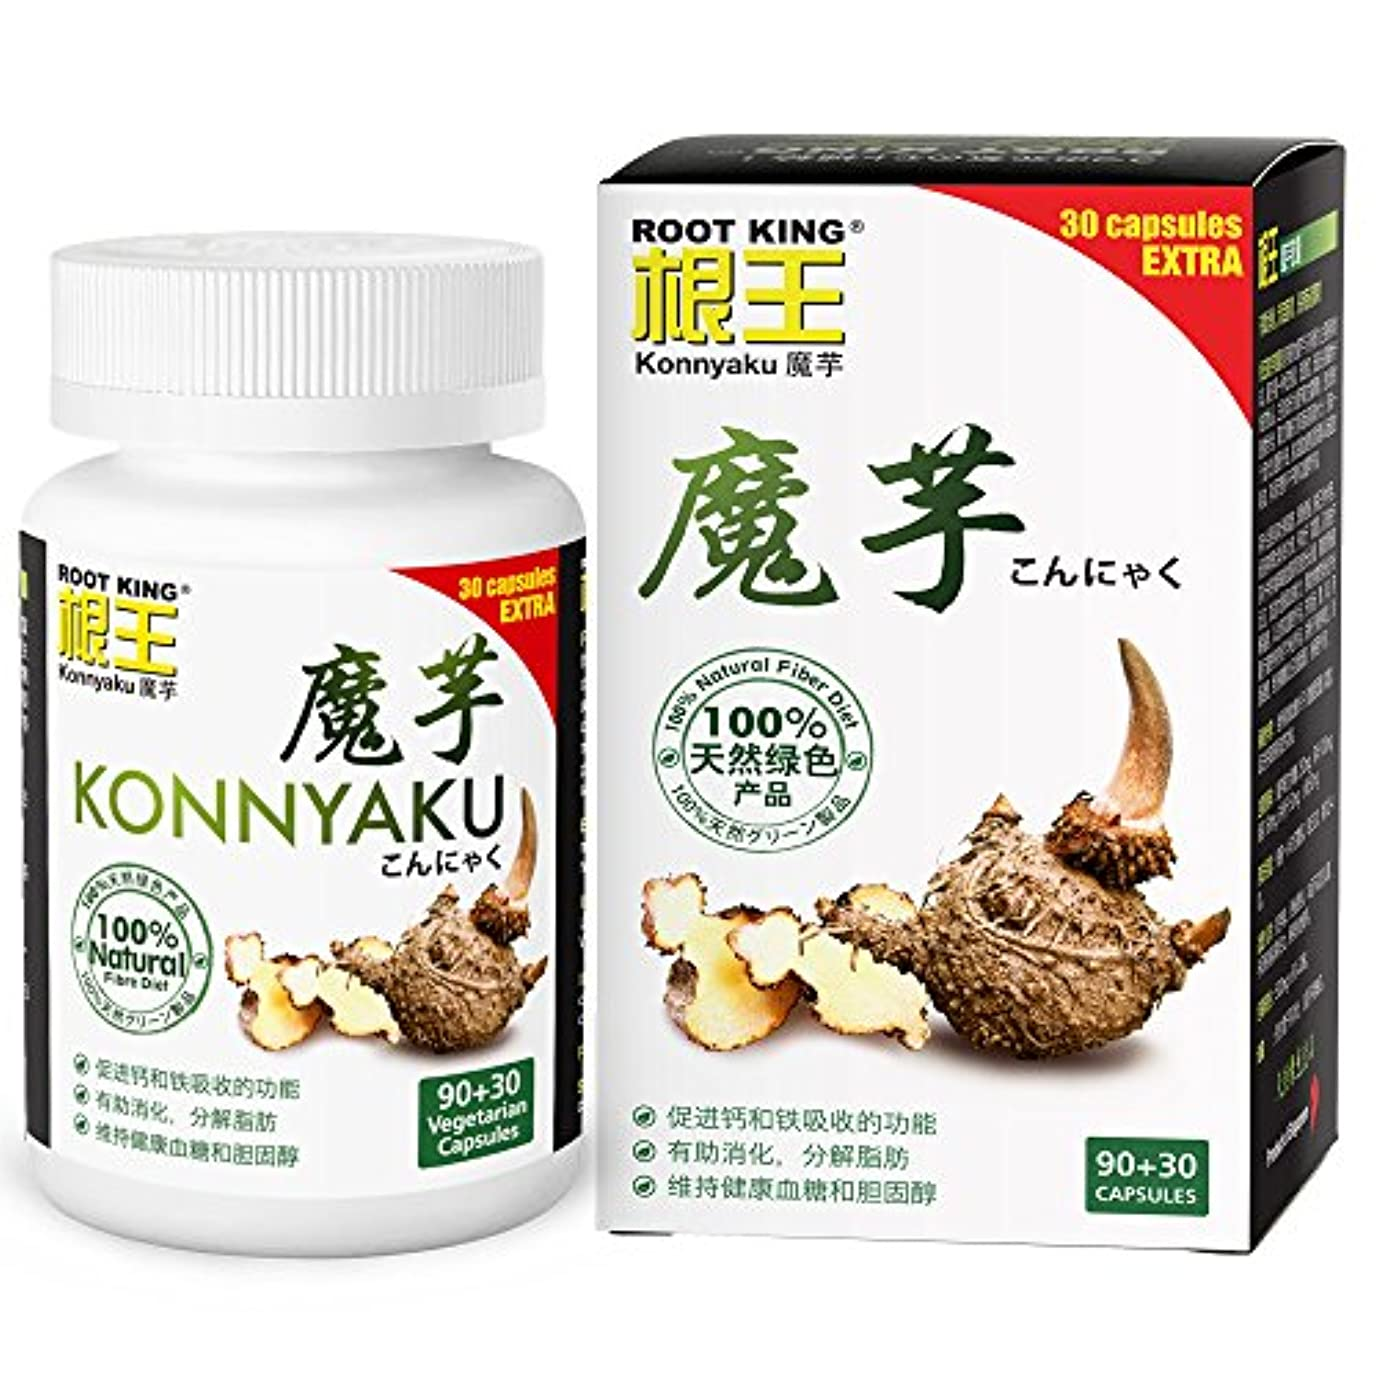 繊毛同盟母ROOT KING Konnyaku (120 Vegecaps) - control appetitide, feel fuller, contains Konjac glucomannan